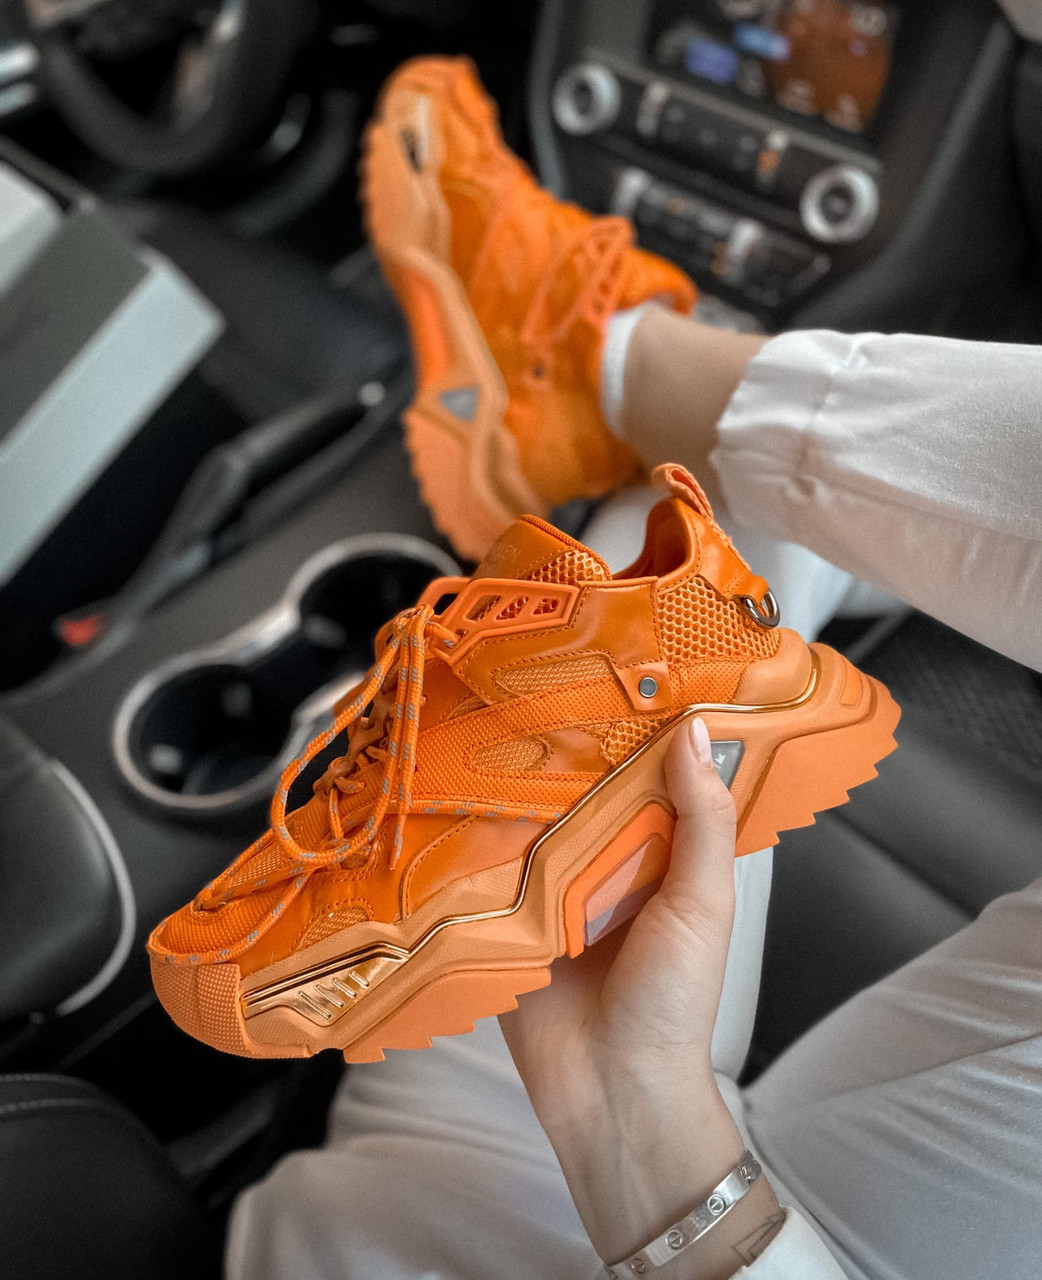 Жіночі кросівки C*lvin Klein, Репліка Люкс